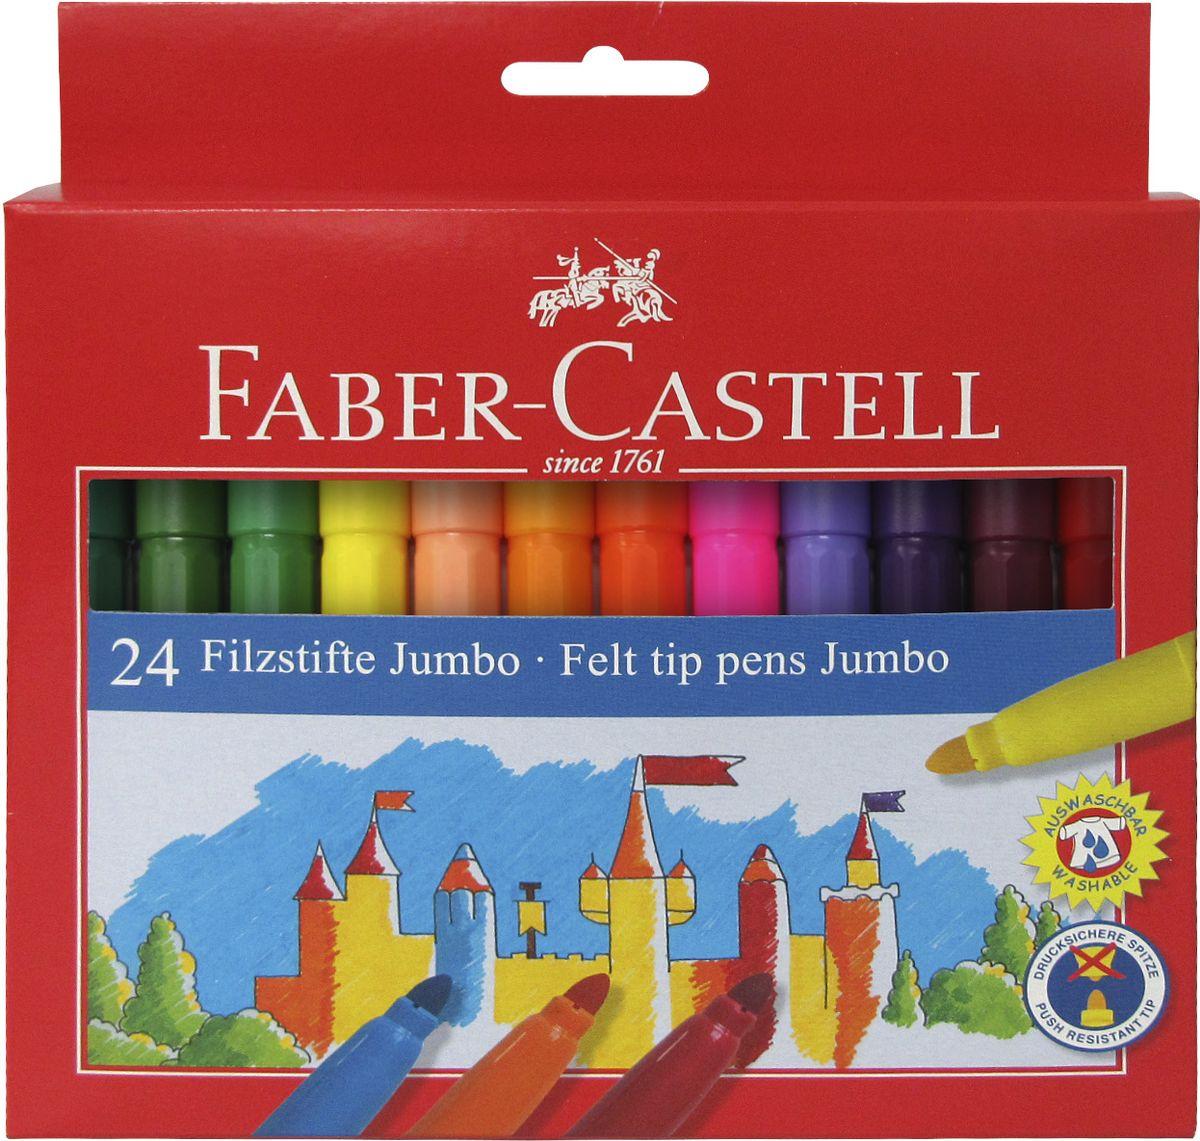 Faber-Castell Фломастеры Jumbo 24 цвета554324Фломастеры Faber-Castell Jumbo помогут маленькому художнику раскрыть свой творческийпотенциал, рисовать ираскрашивать яркие картинки, развивая воображение, мелкую моторику и цветовосприятие.В наборе Faber-Castell Jumbo 24 разноцветных фломастера. Корпусы выполнены из пластика.Чернила на водной основе окрашены с использованием пищевых красителей, благодаря чему ониполностью безопасны для ребенка и имеют яркие,насыщенные цвета. Если маленький художник запачкался - не беда, ведь фломастерыотстирываются с большинстватканей. Вентилируемый колпачок надолго сохранит яркость цветов.Не рекомендуется детям до 3-х лет.